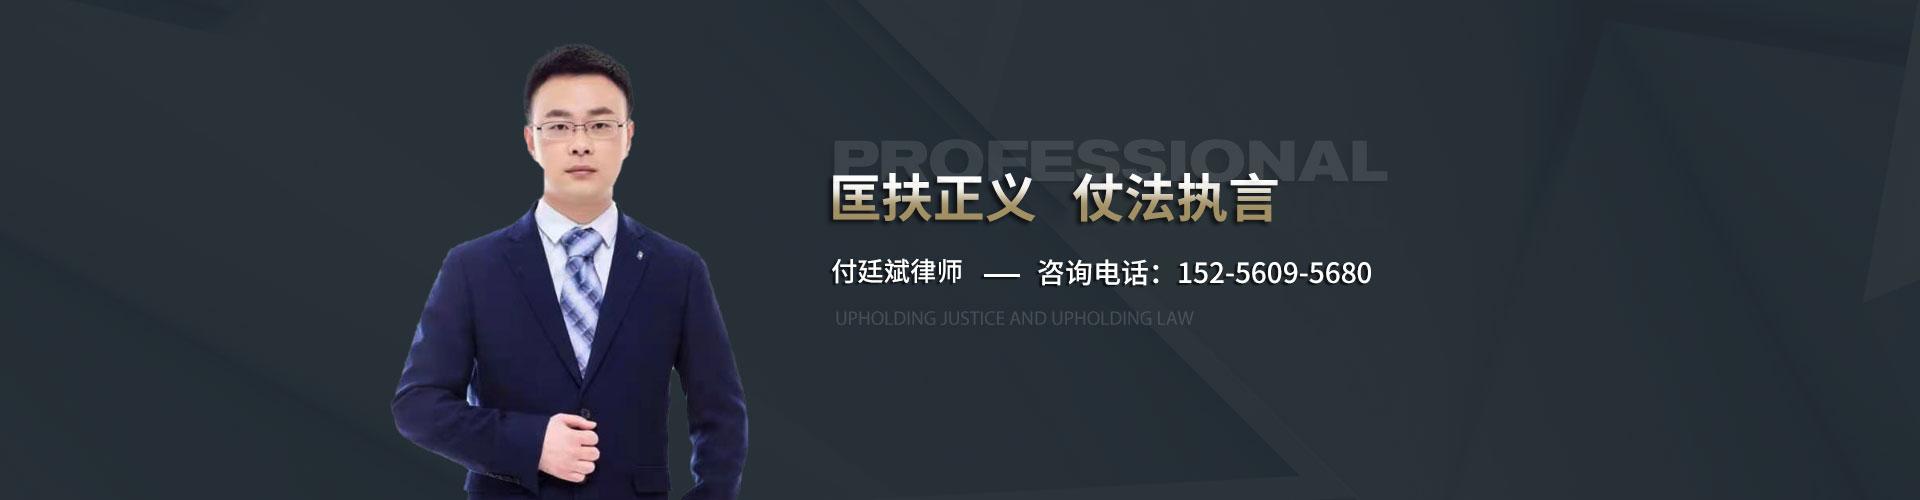 付廷斌律师